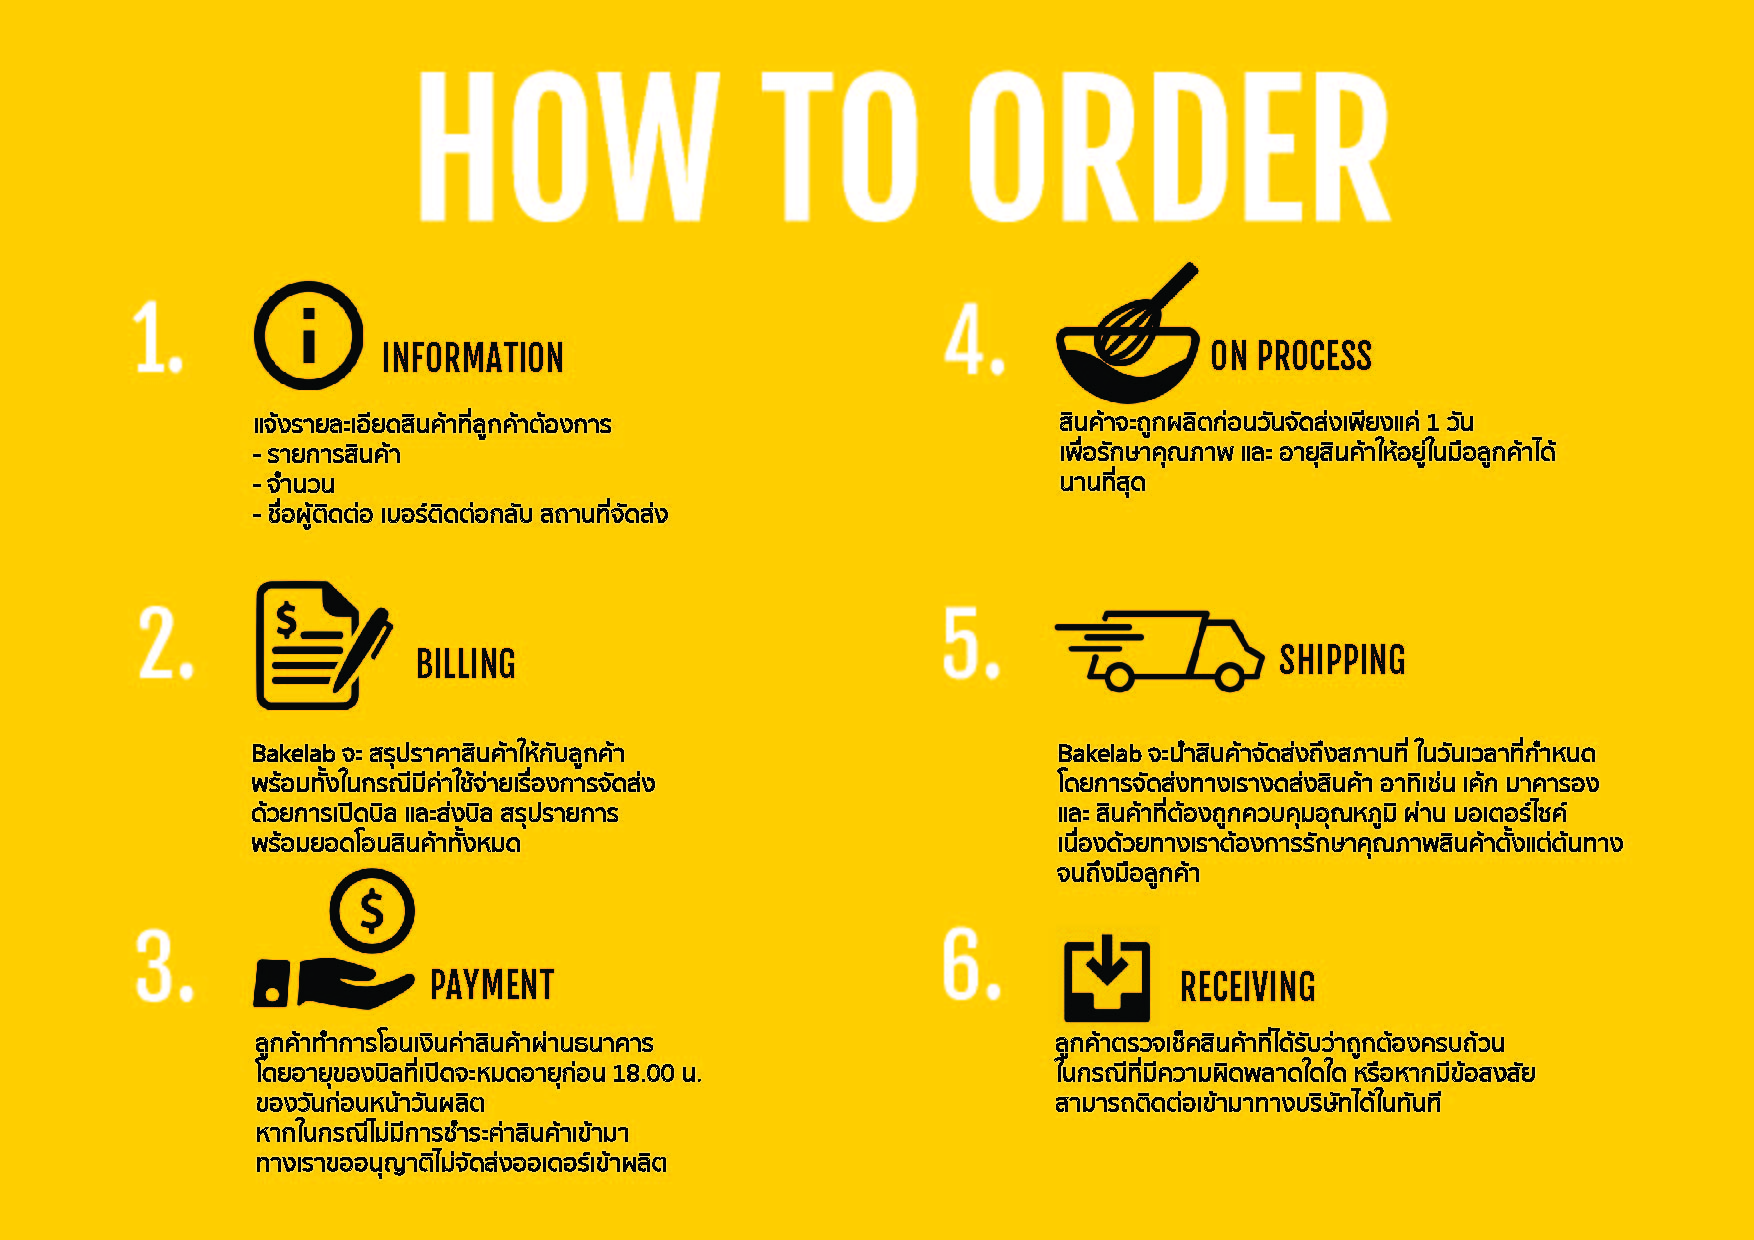 howto order-01.jpg